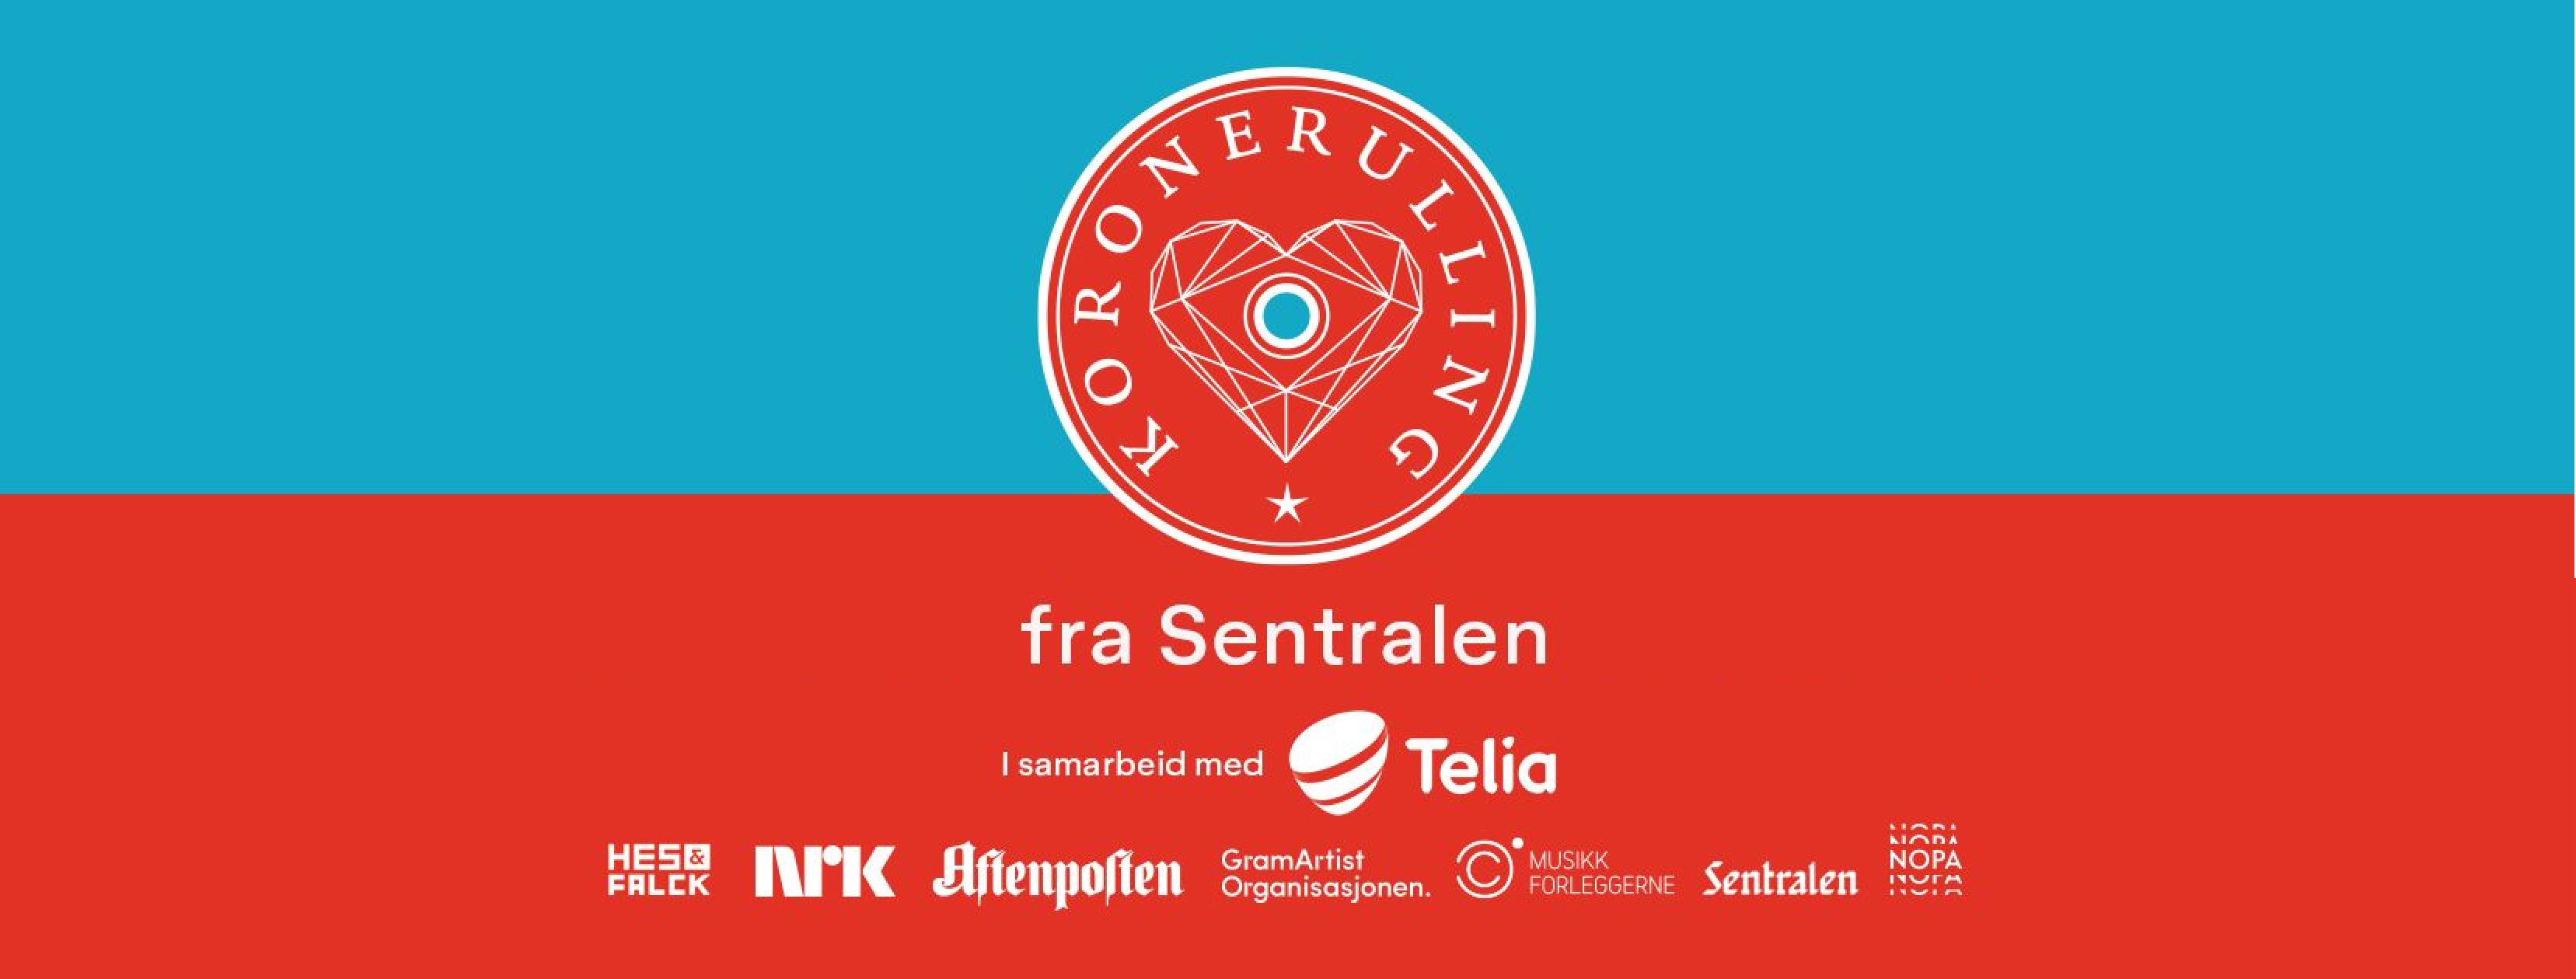 Koronerulling banner med logo